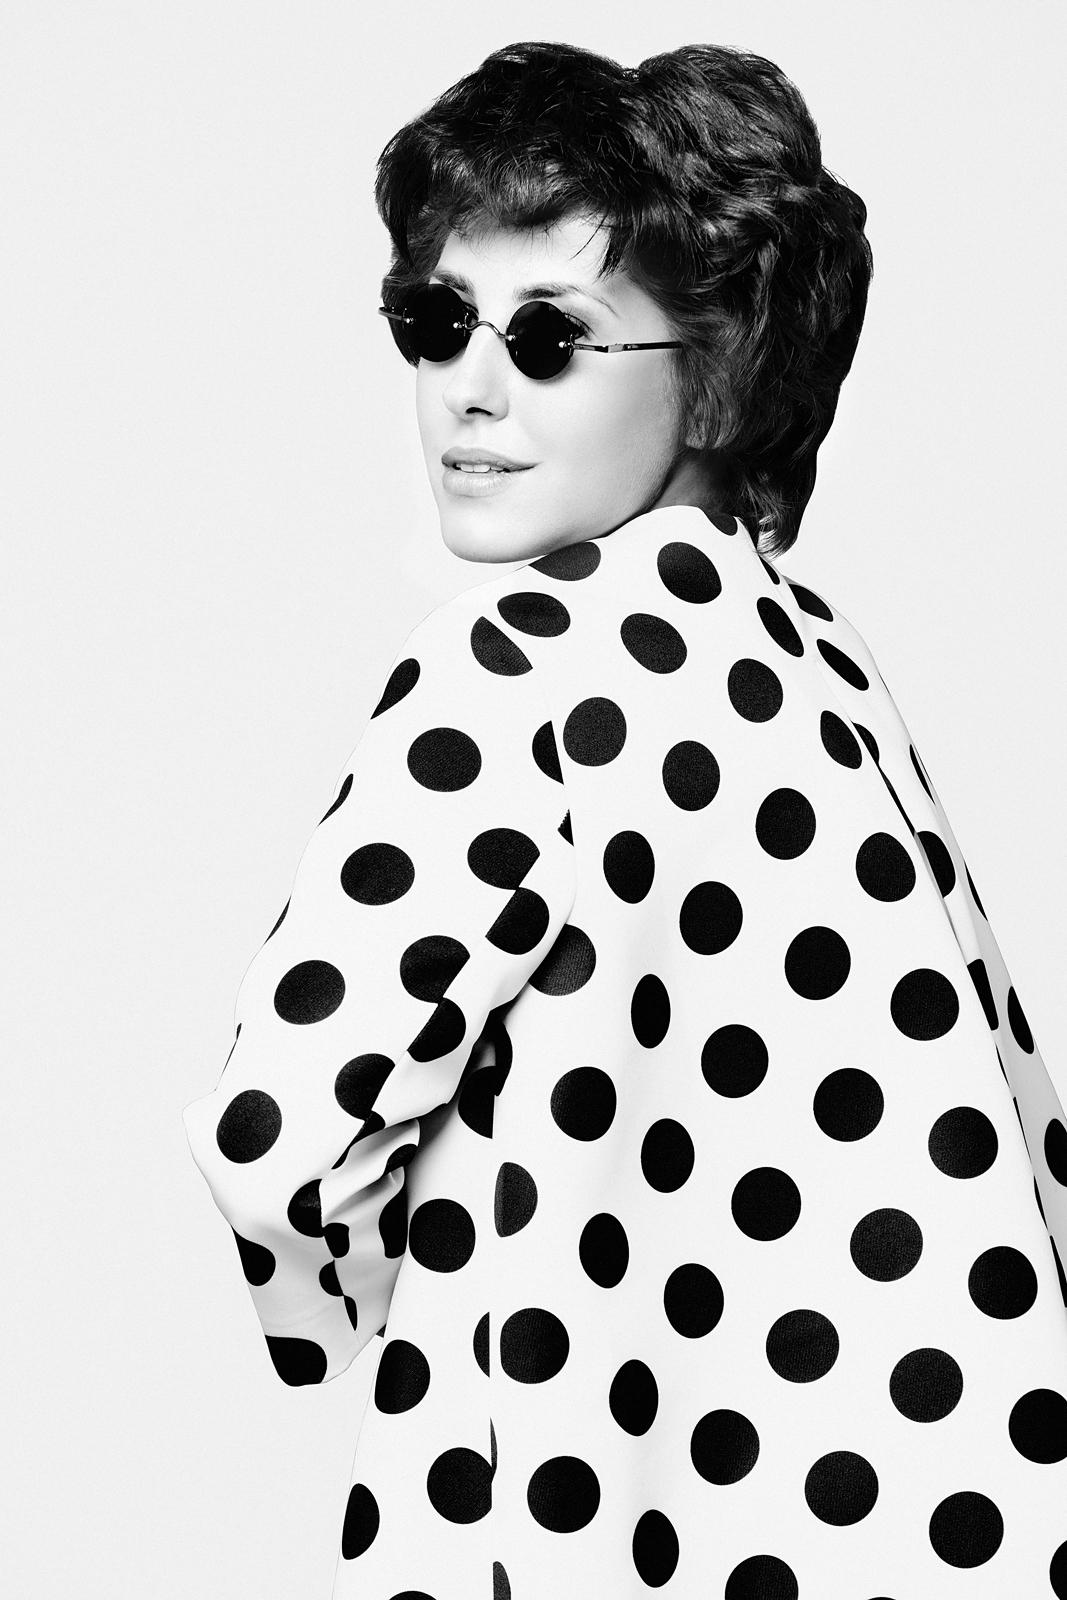 Графичные черно-белые студийные портреты. Анна Русска, фотограф: Александр Сакулин